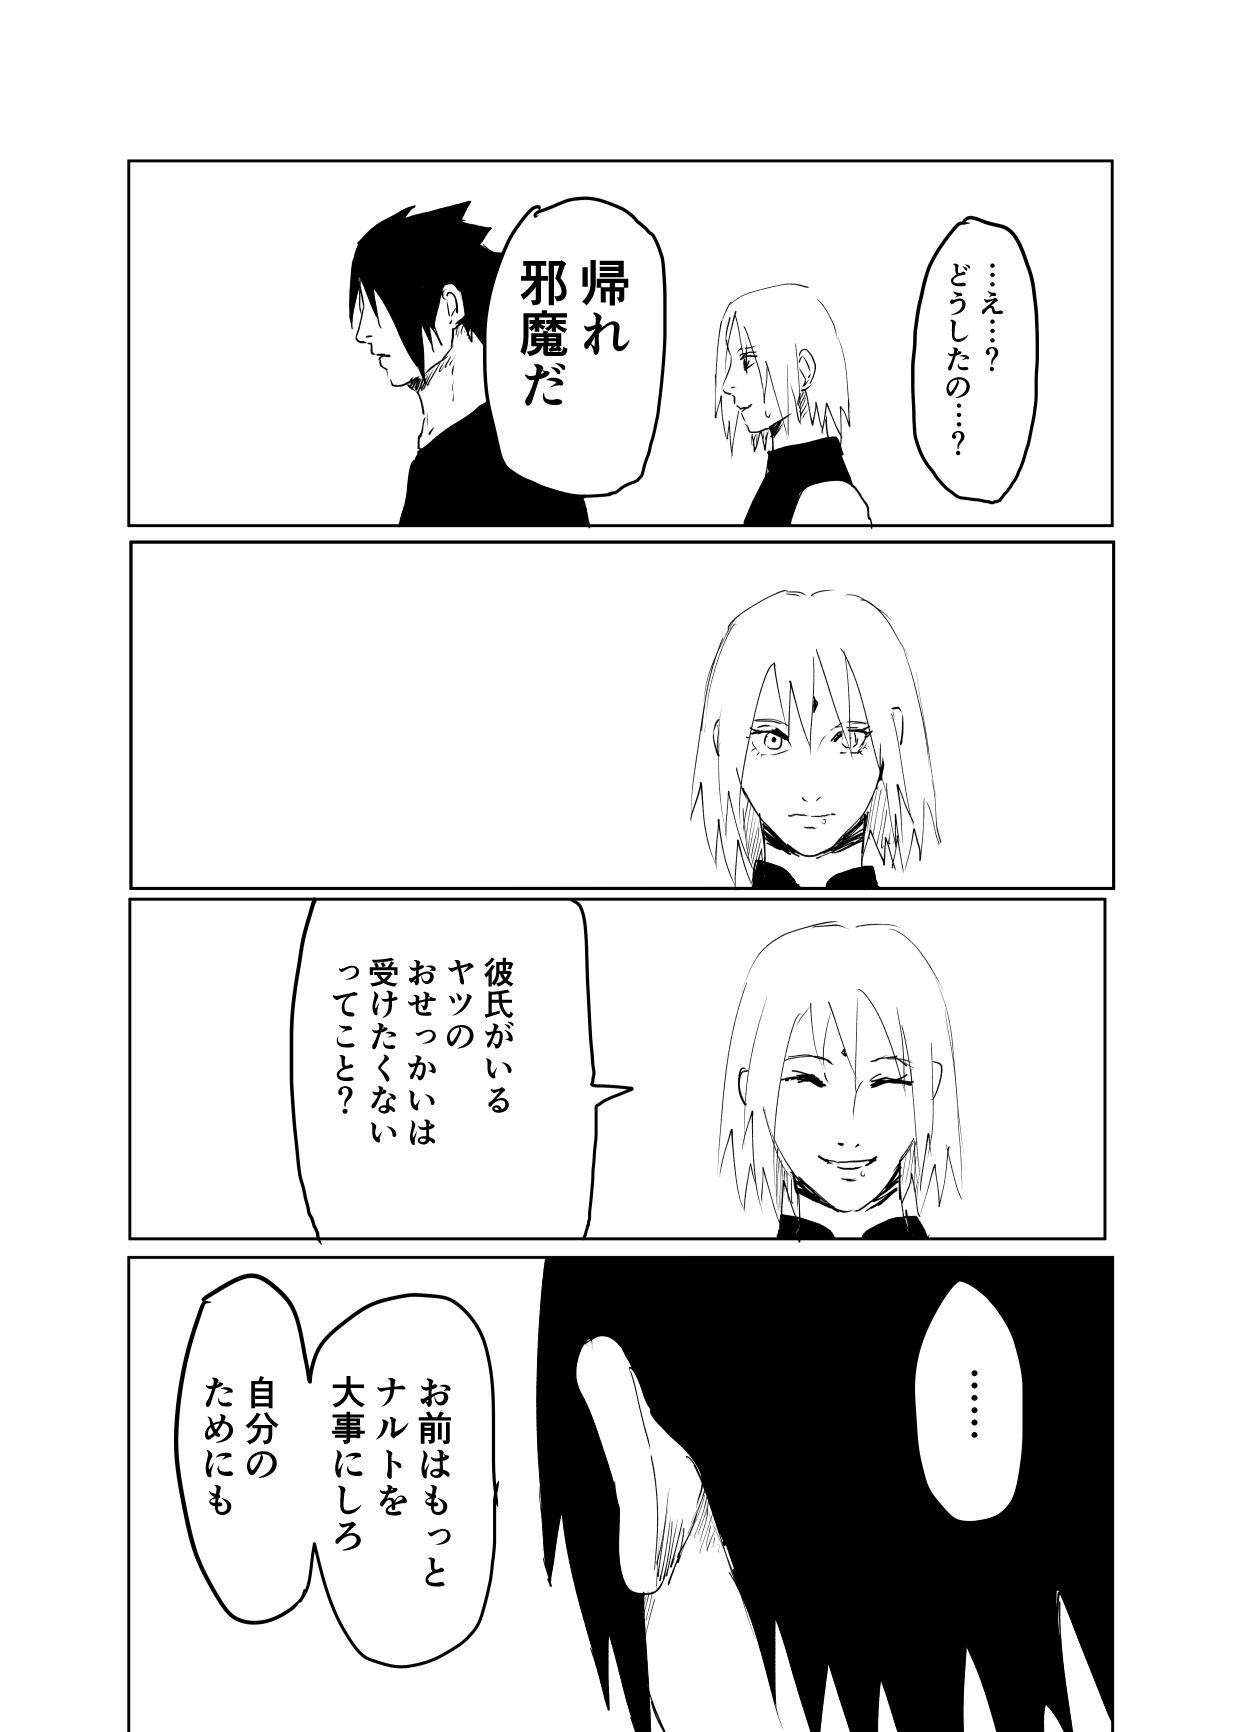 嘘告白漫画 43